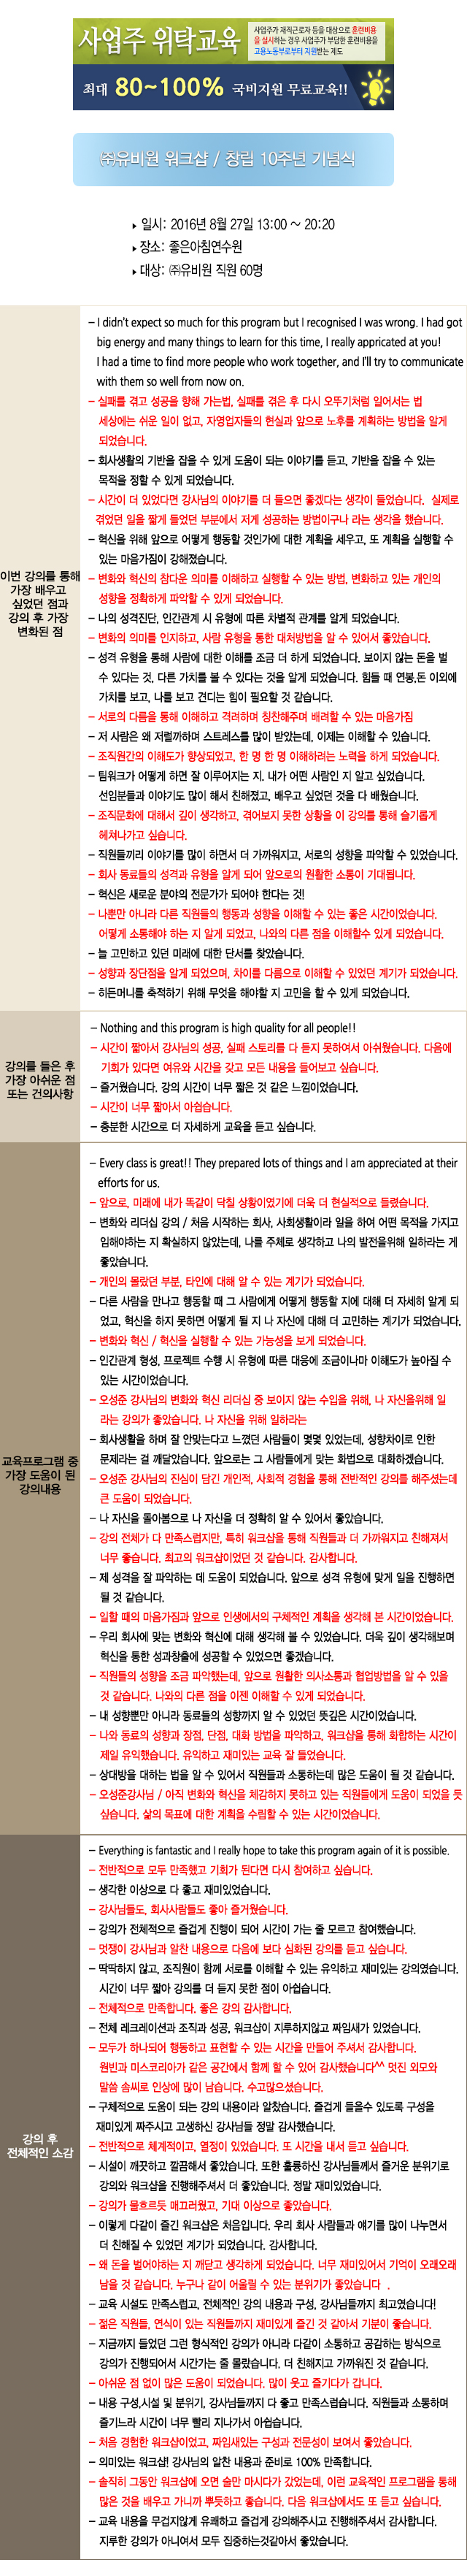 한국중앙인재개발원 후기 유비원.jpg